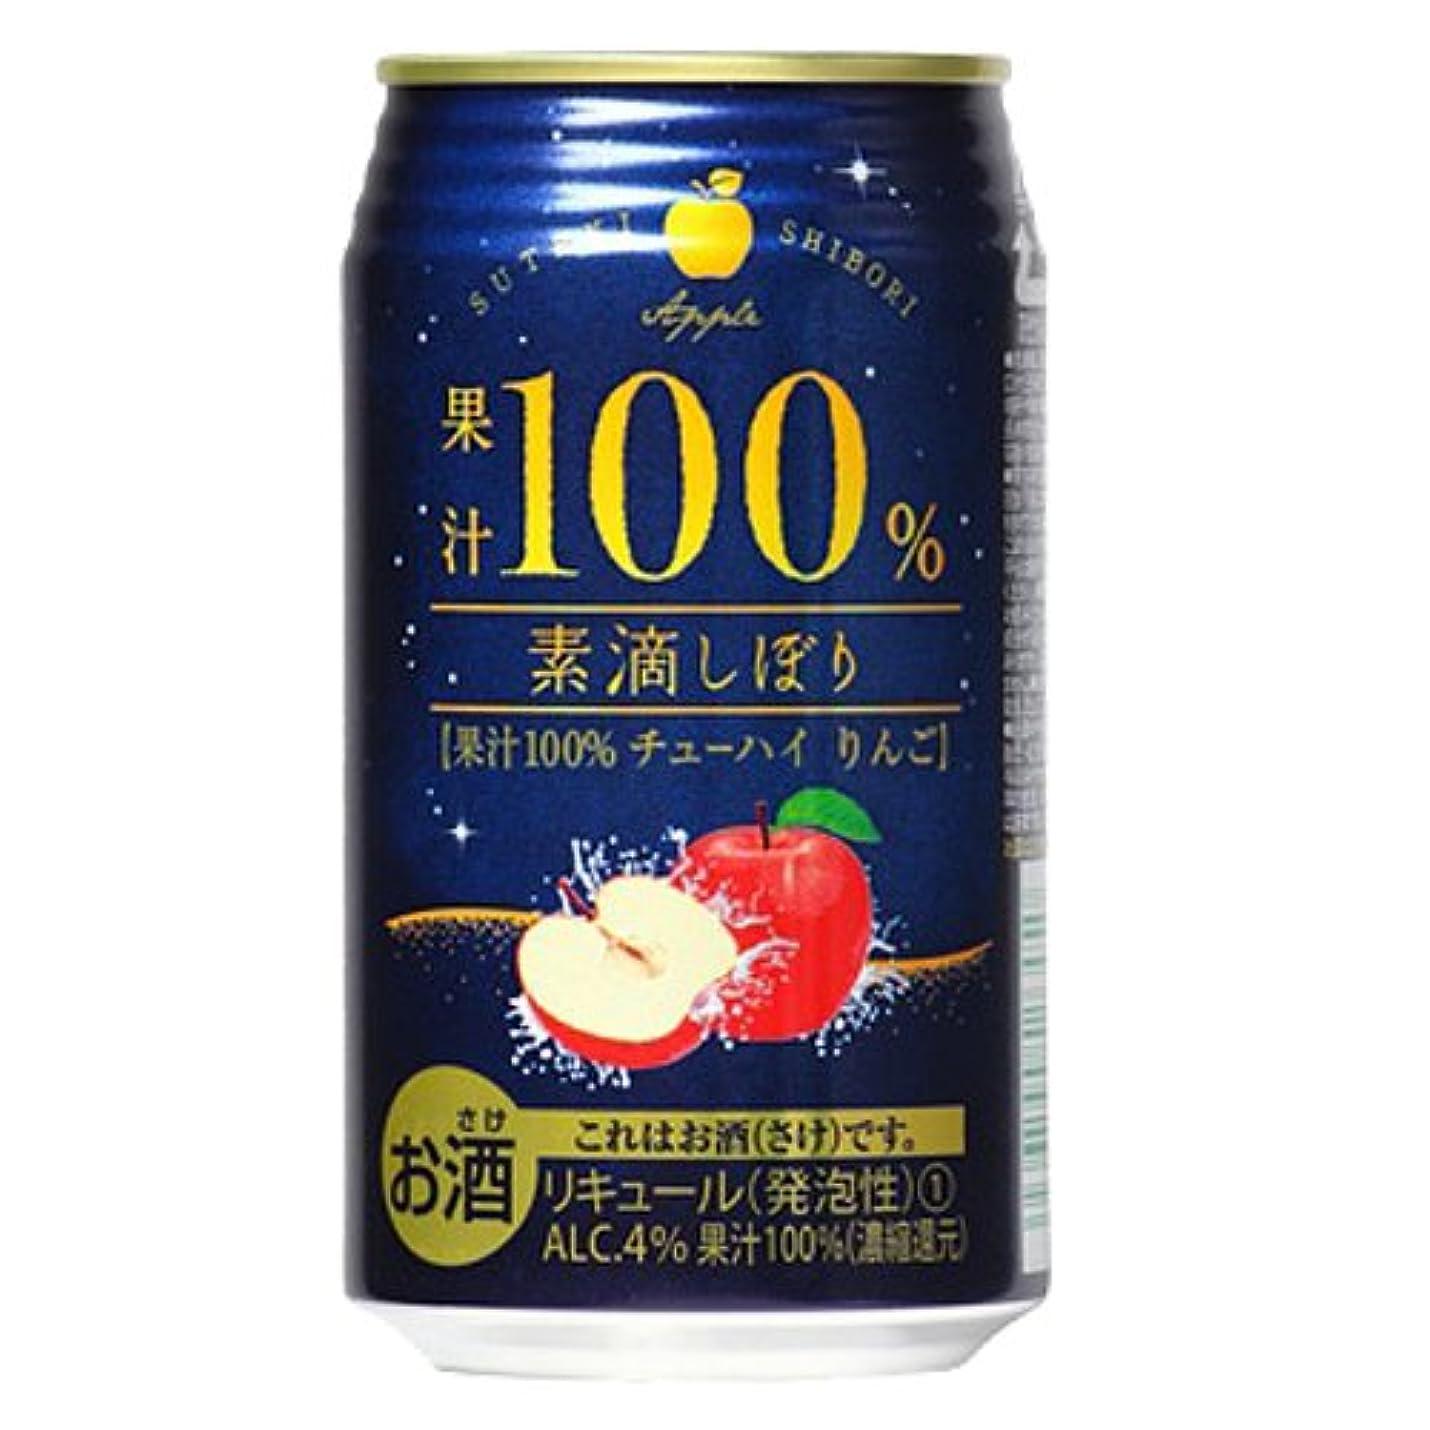 特徴開始発音神戸居留地 素滴しぼり果汁 100% チューハイ りんご 350ml